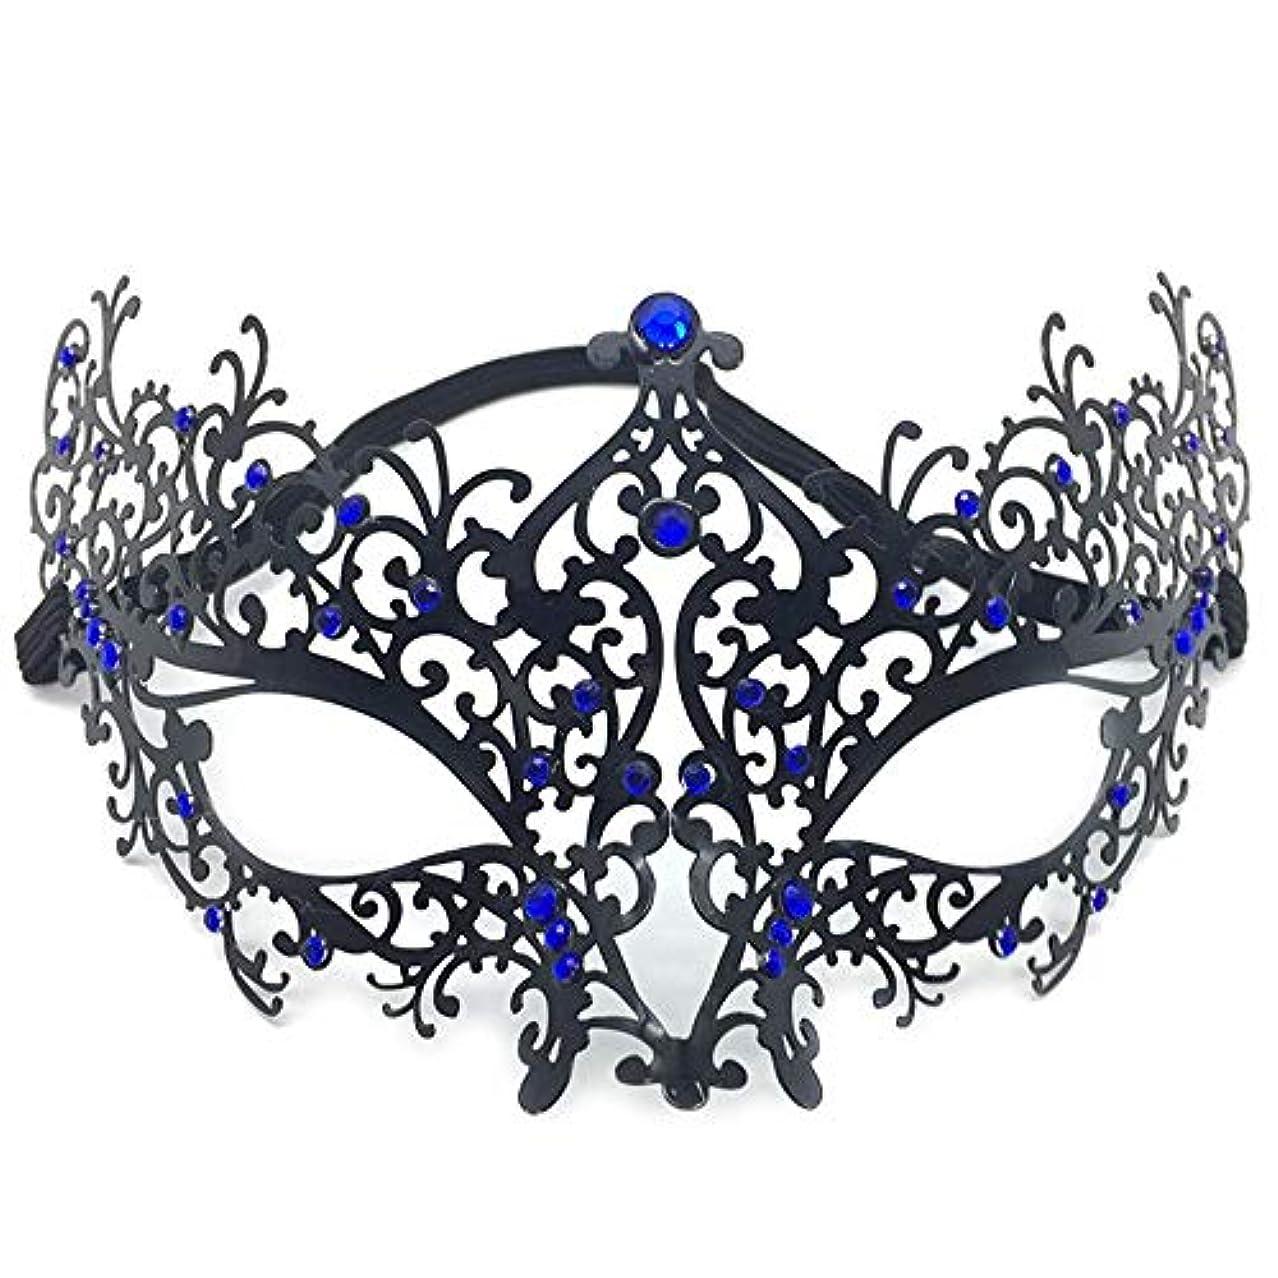 スラッシュボリュームフランクワースリー仮面舞踏会アイアンマスクパーティーCOSはメタリックダイヤモンドハーフフェイスハロウィンアイアンマスクをドレスアップ (Color : A)